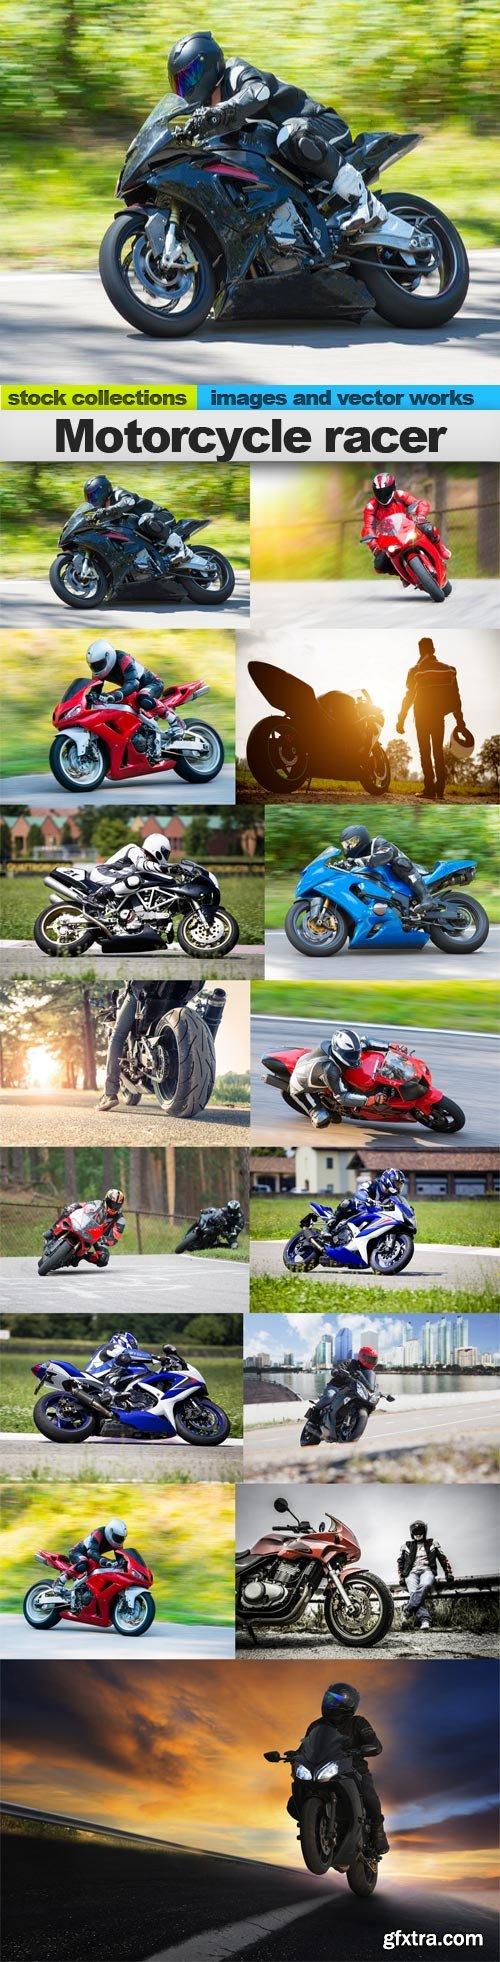 Motorcycle racer, 15 x UHQ JPEG